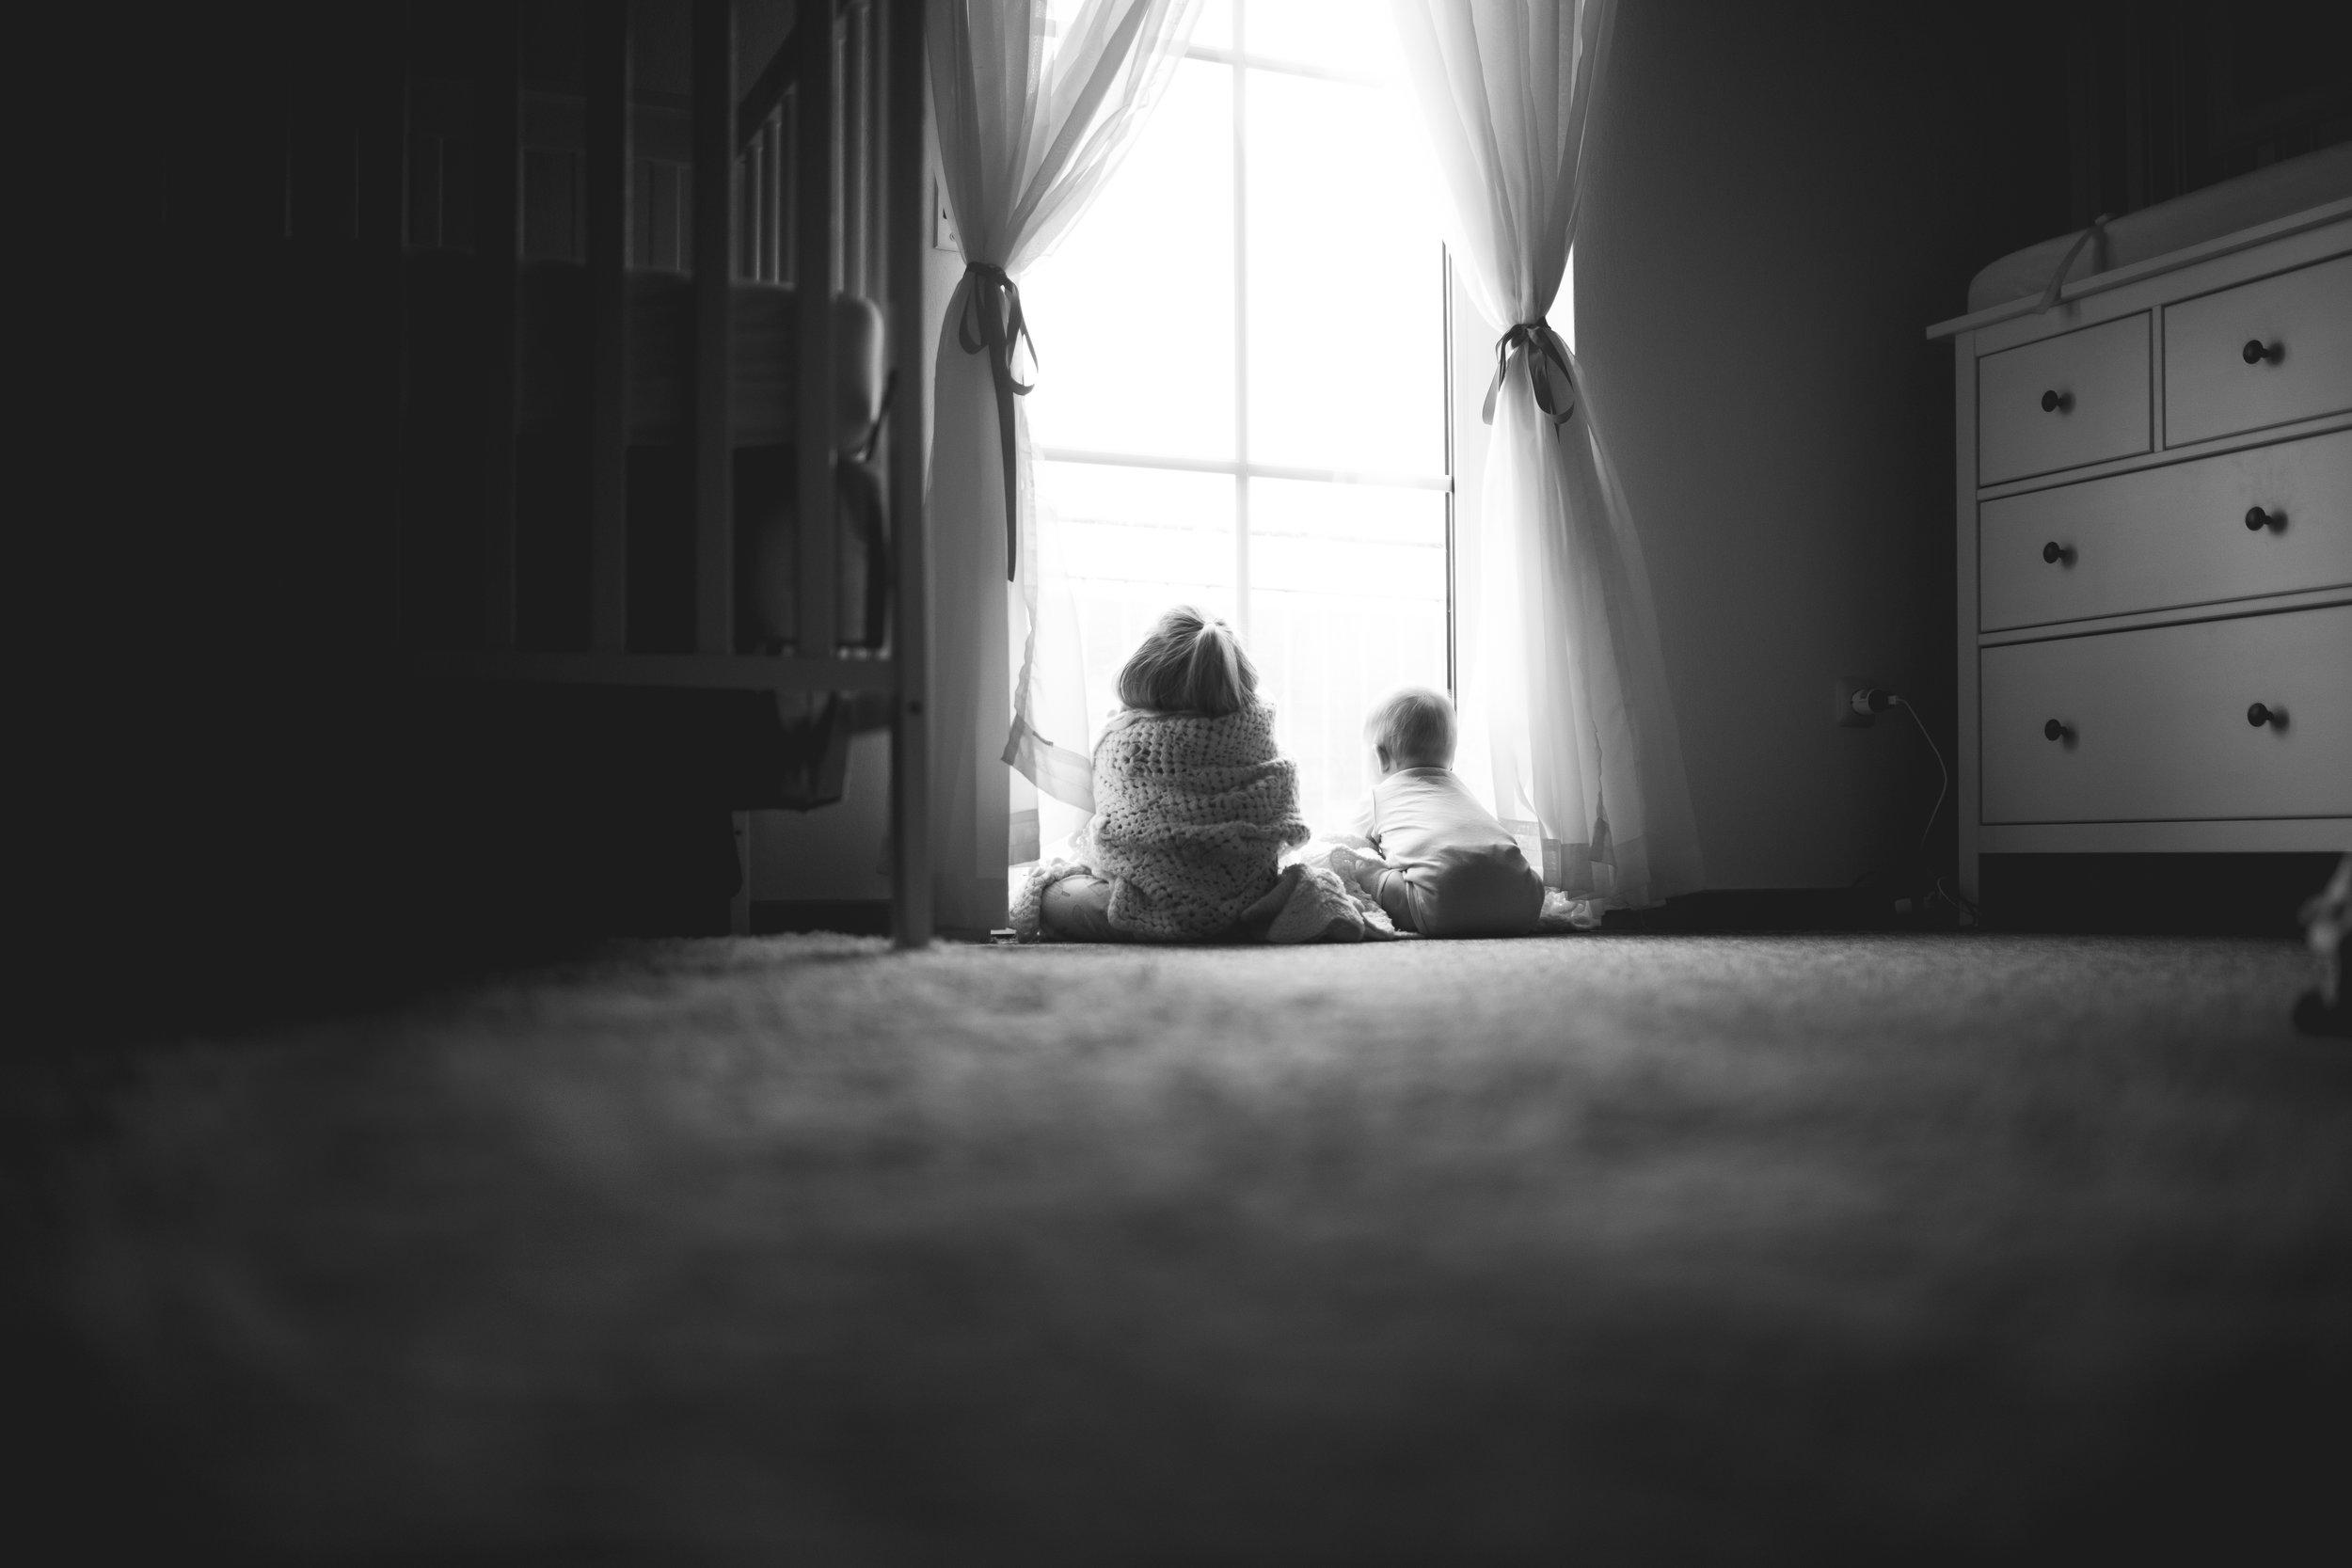 Girls sit in window of bedroom looking outside